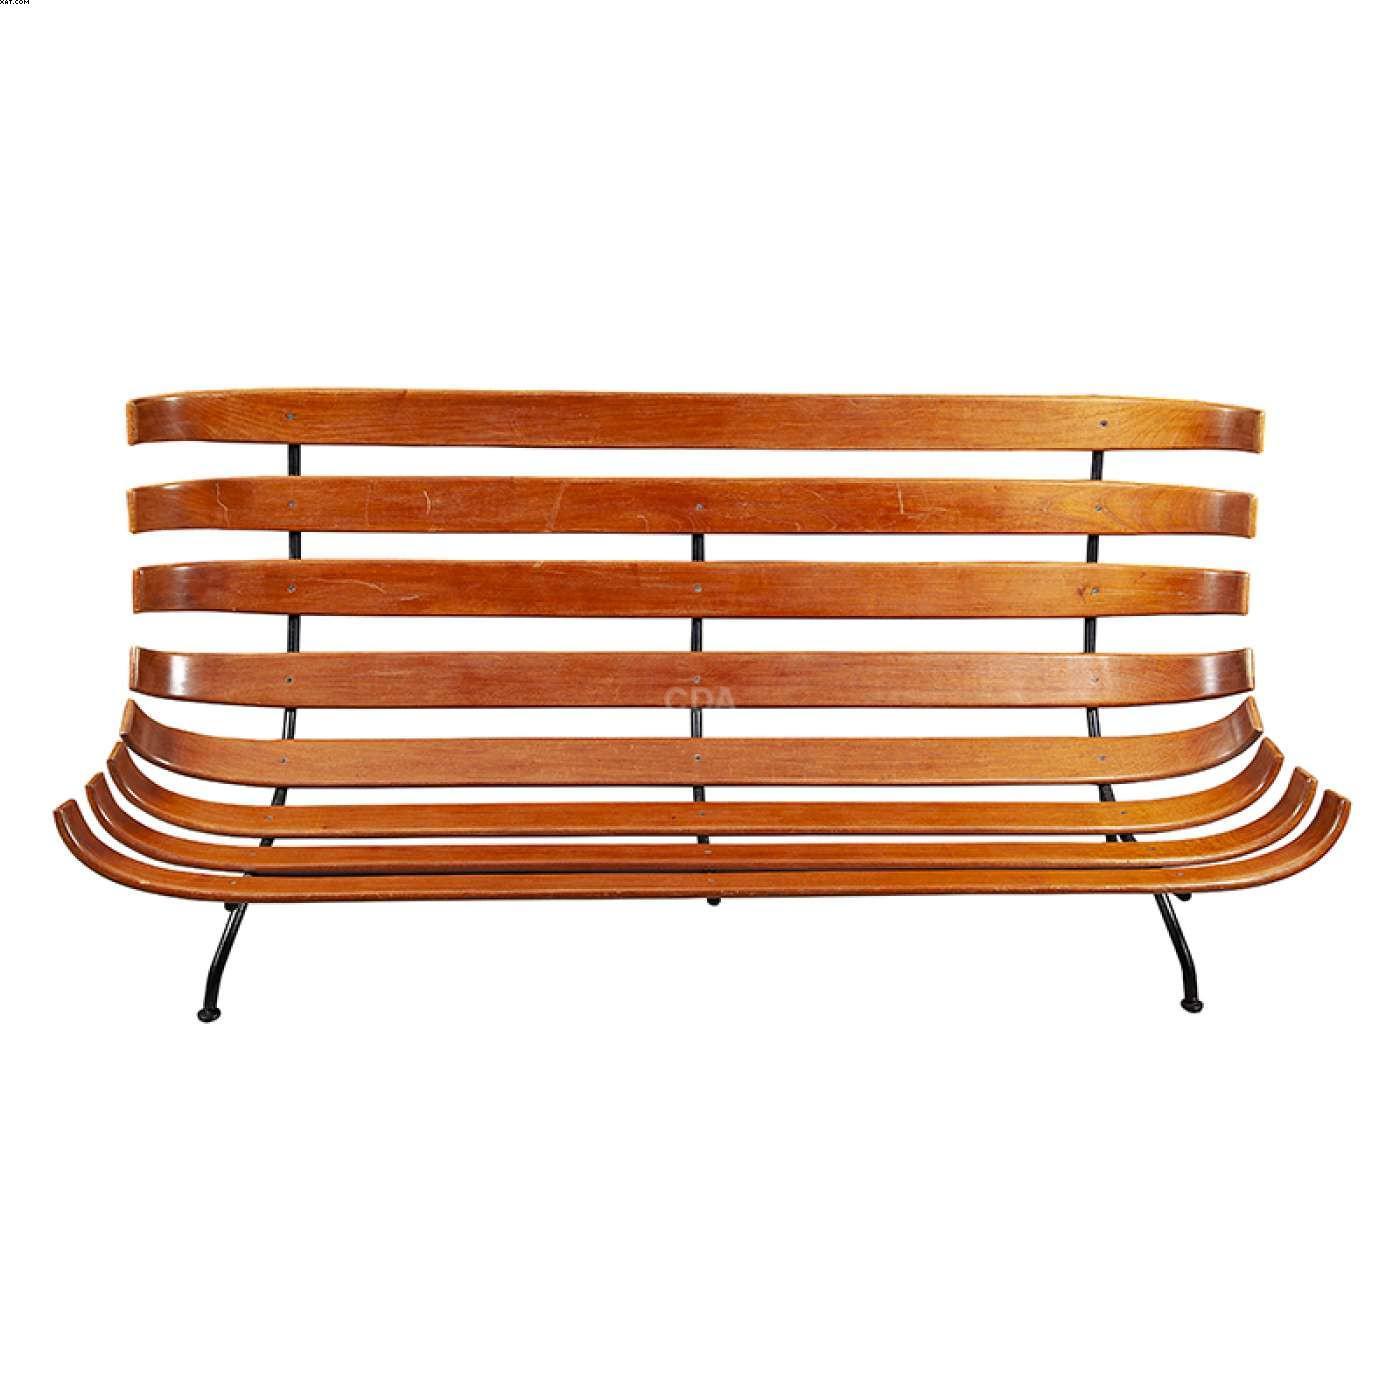 Sofá costela 2 lugares em madeira e metal  - Carlo Hauner